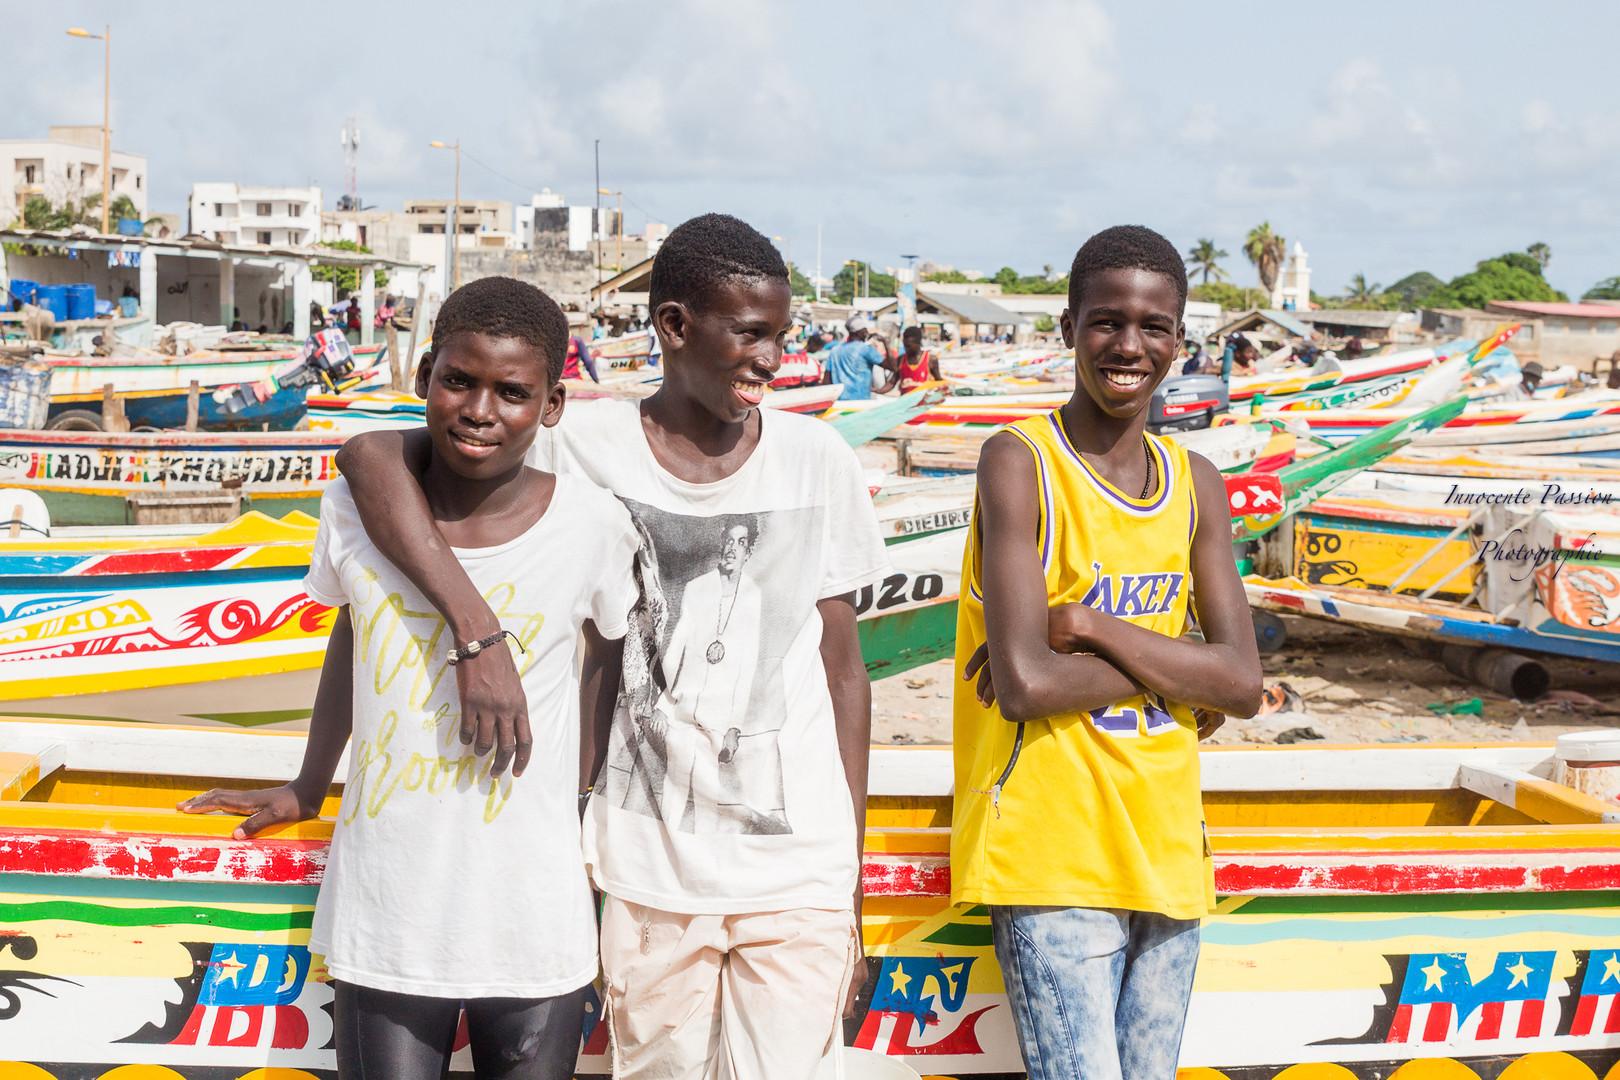 Soumbedioune, Senegal